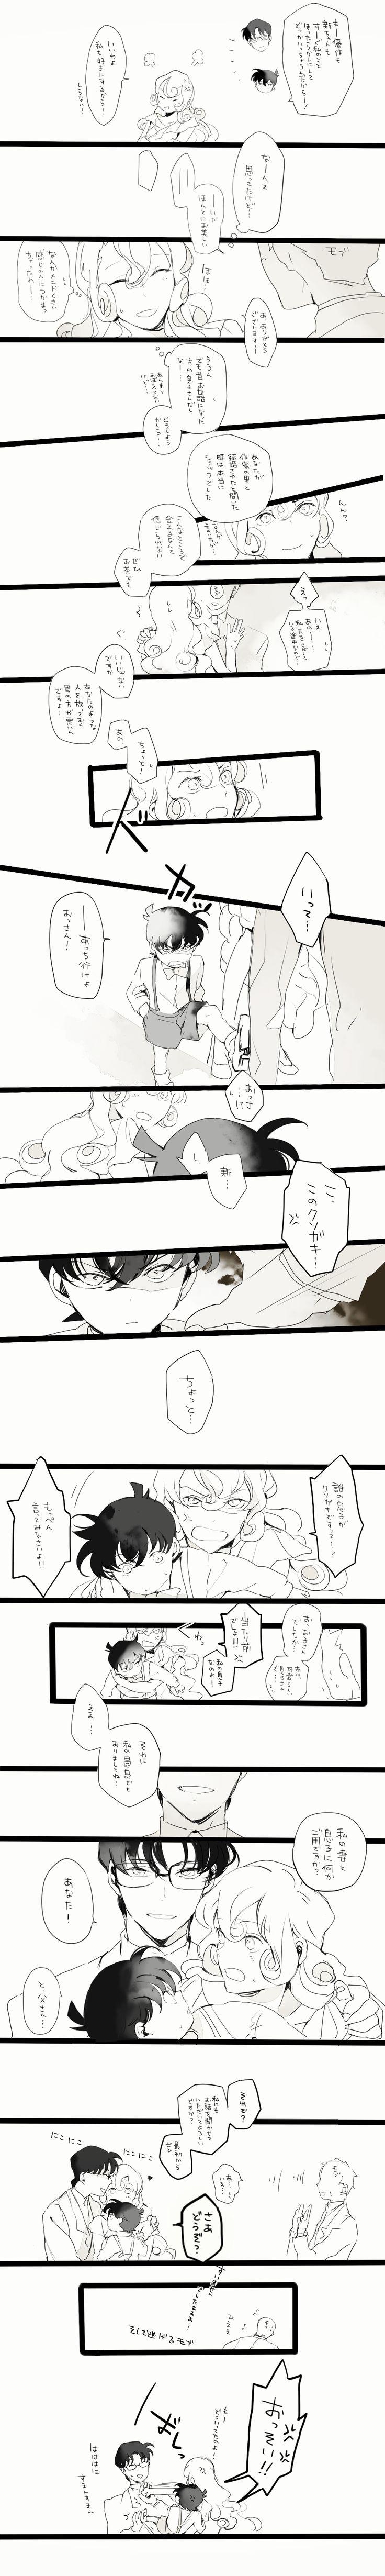 「こなんつめ2【腐】」/「hagi」の漫画 [pixiv]